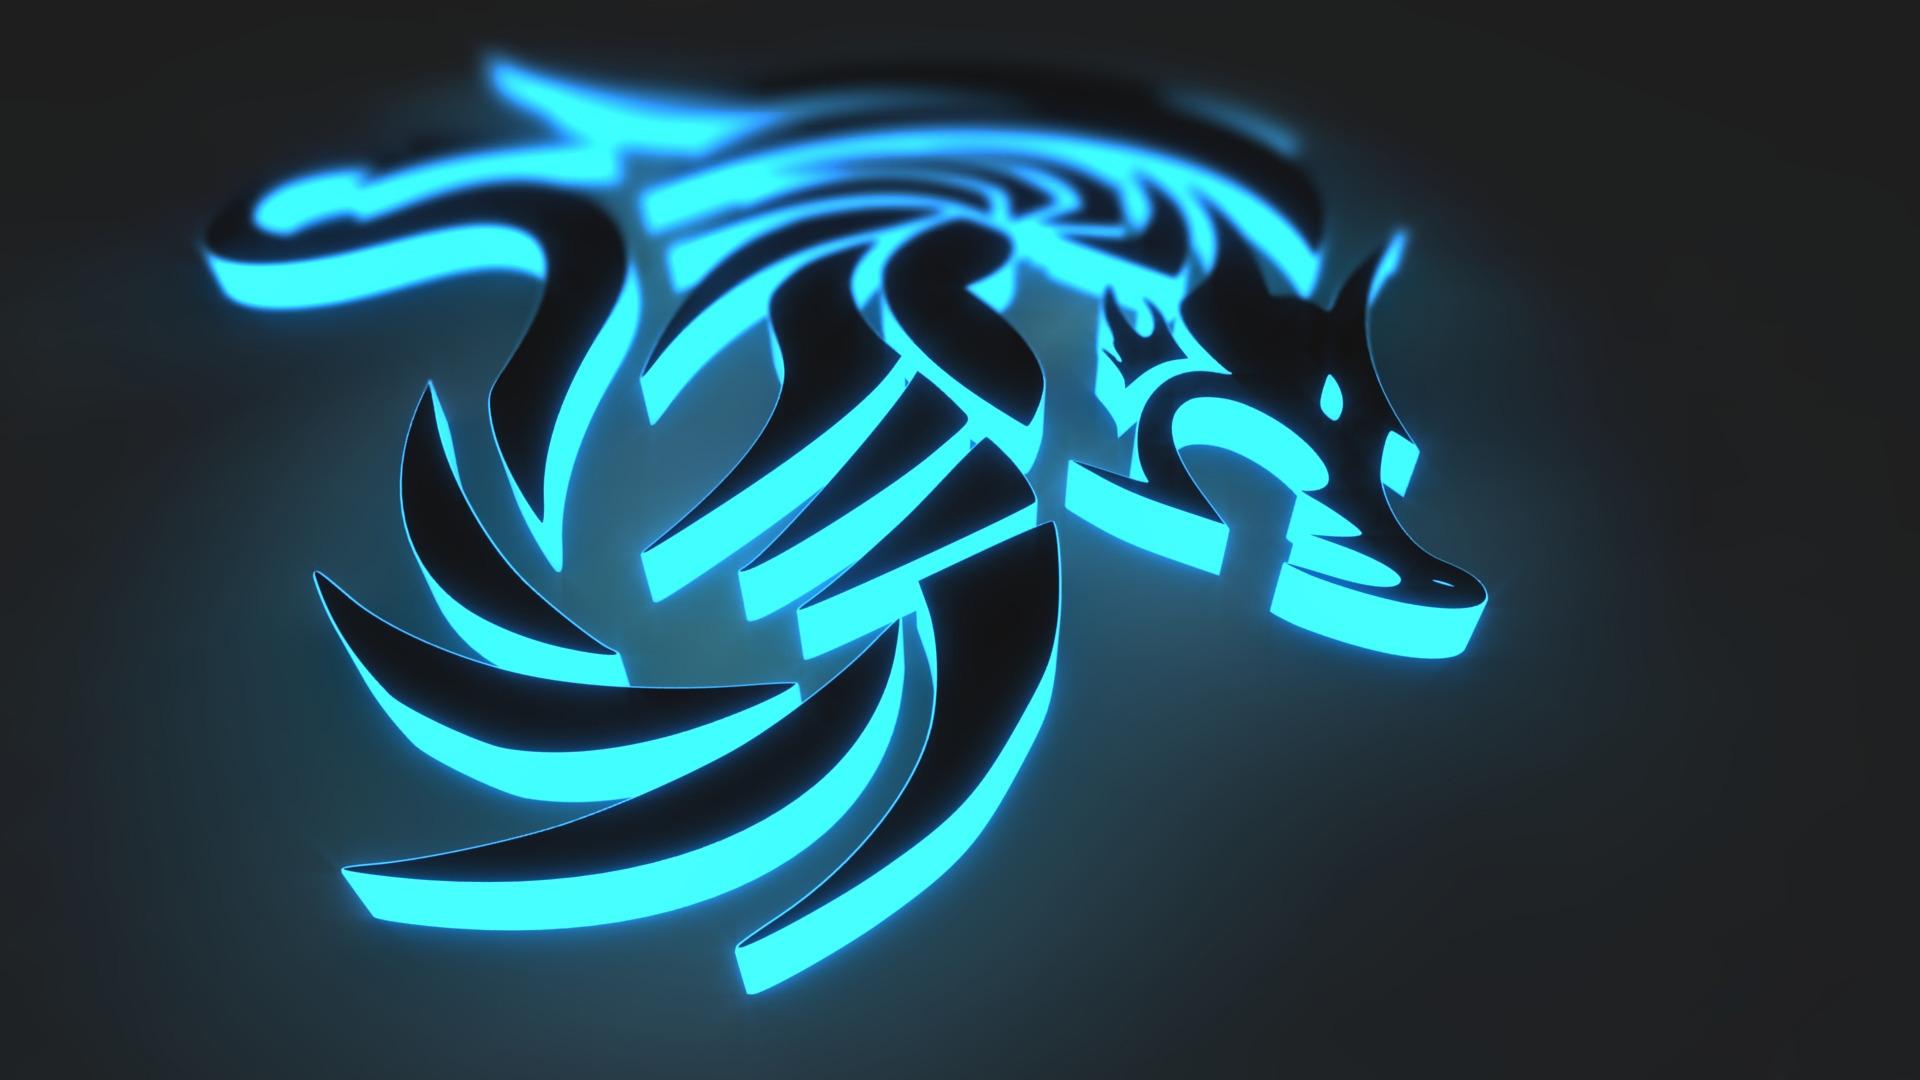 3d Abstract Animal Black Blue Cgi Dark Digital Art Glow Wolf Wallpaper Resolution 1920x1080 Id 997849 Wallha Com